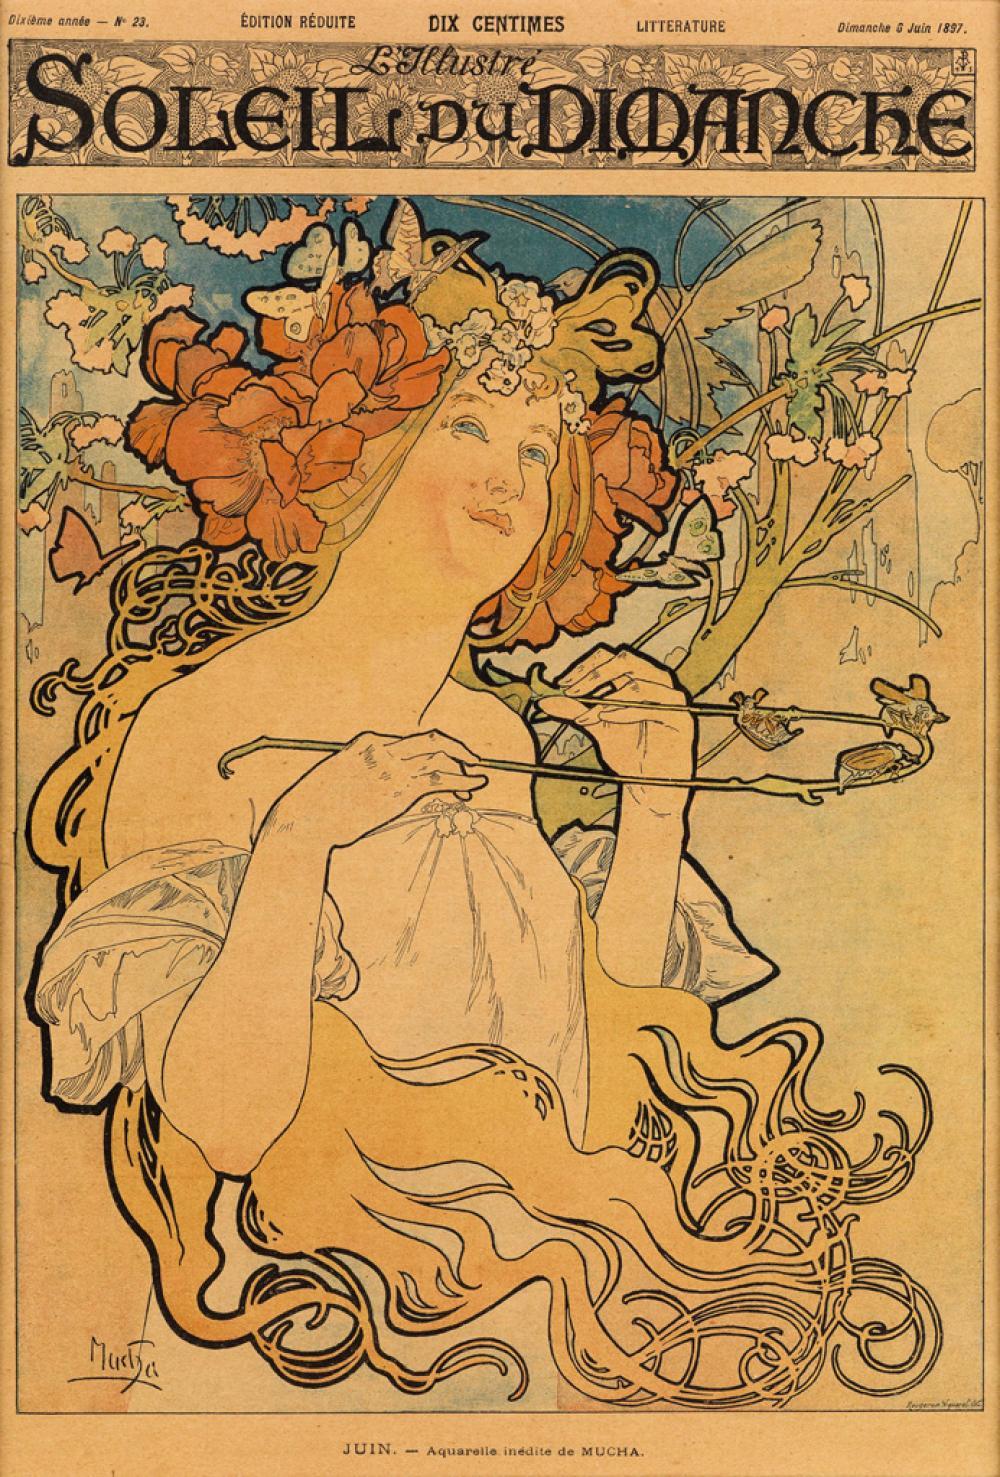 ALPHONSE MUCHA (1860-1939). SOLEIL DU DIMANCHE. Magazine cover. June 6, 1897. 14x9 inches, 36x24 cm. Rougeron Vignerot, Paris.